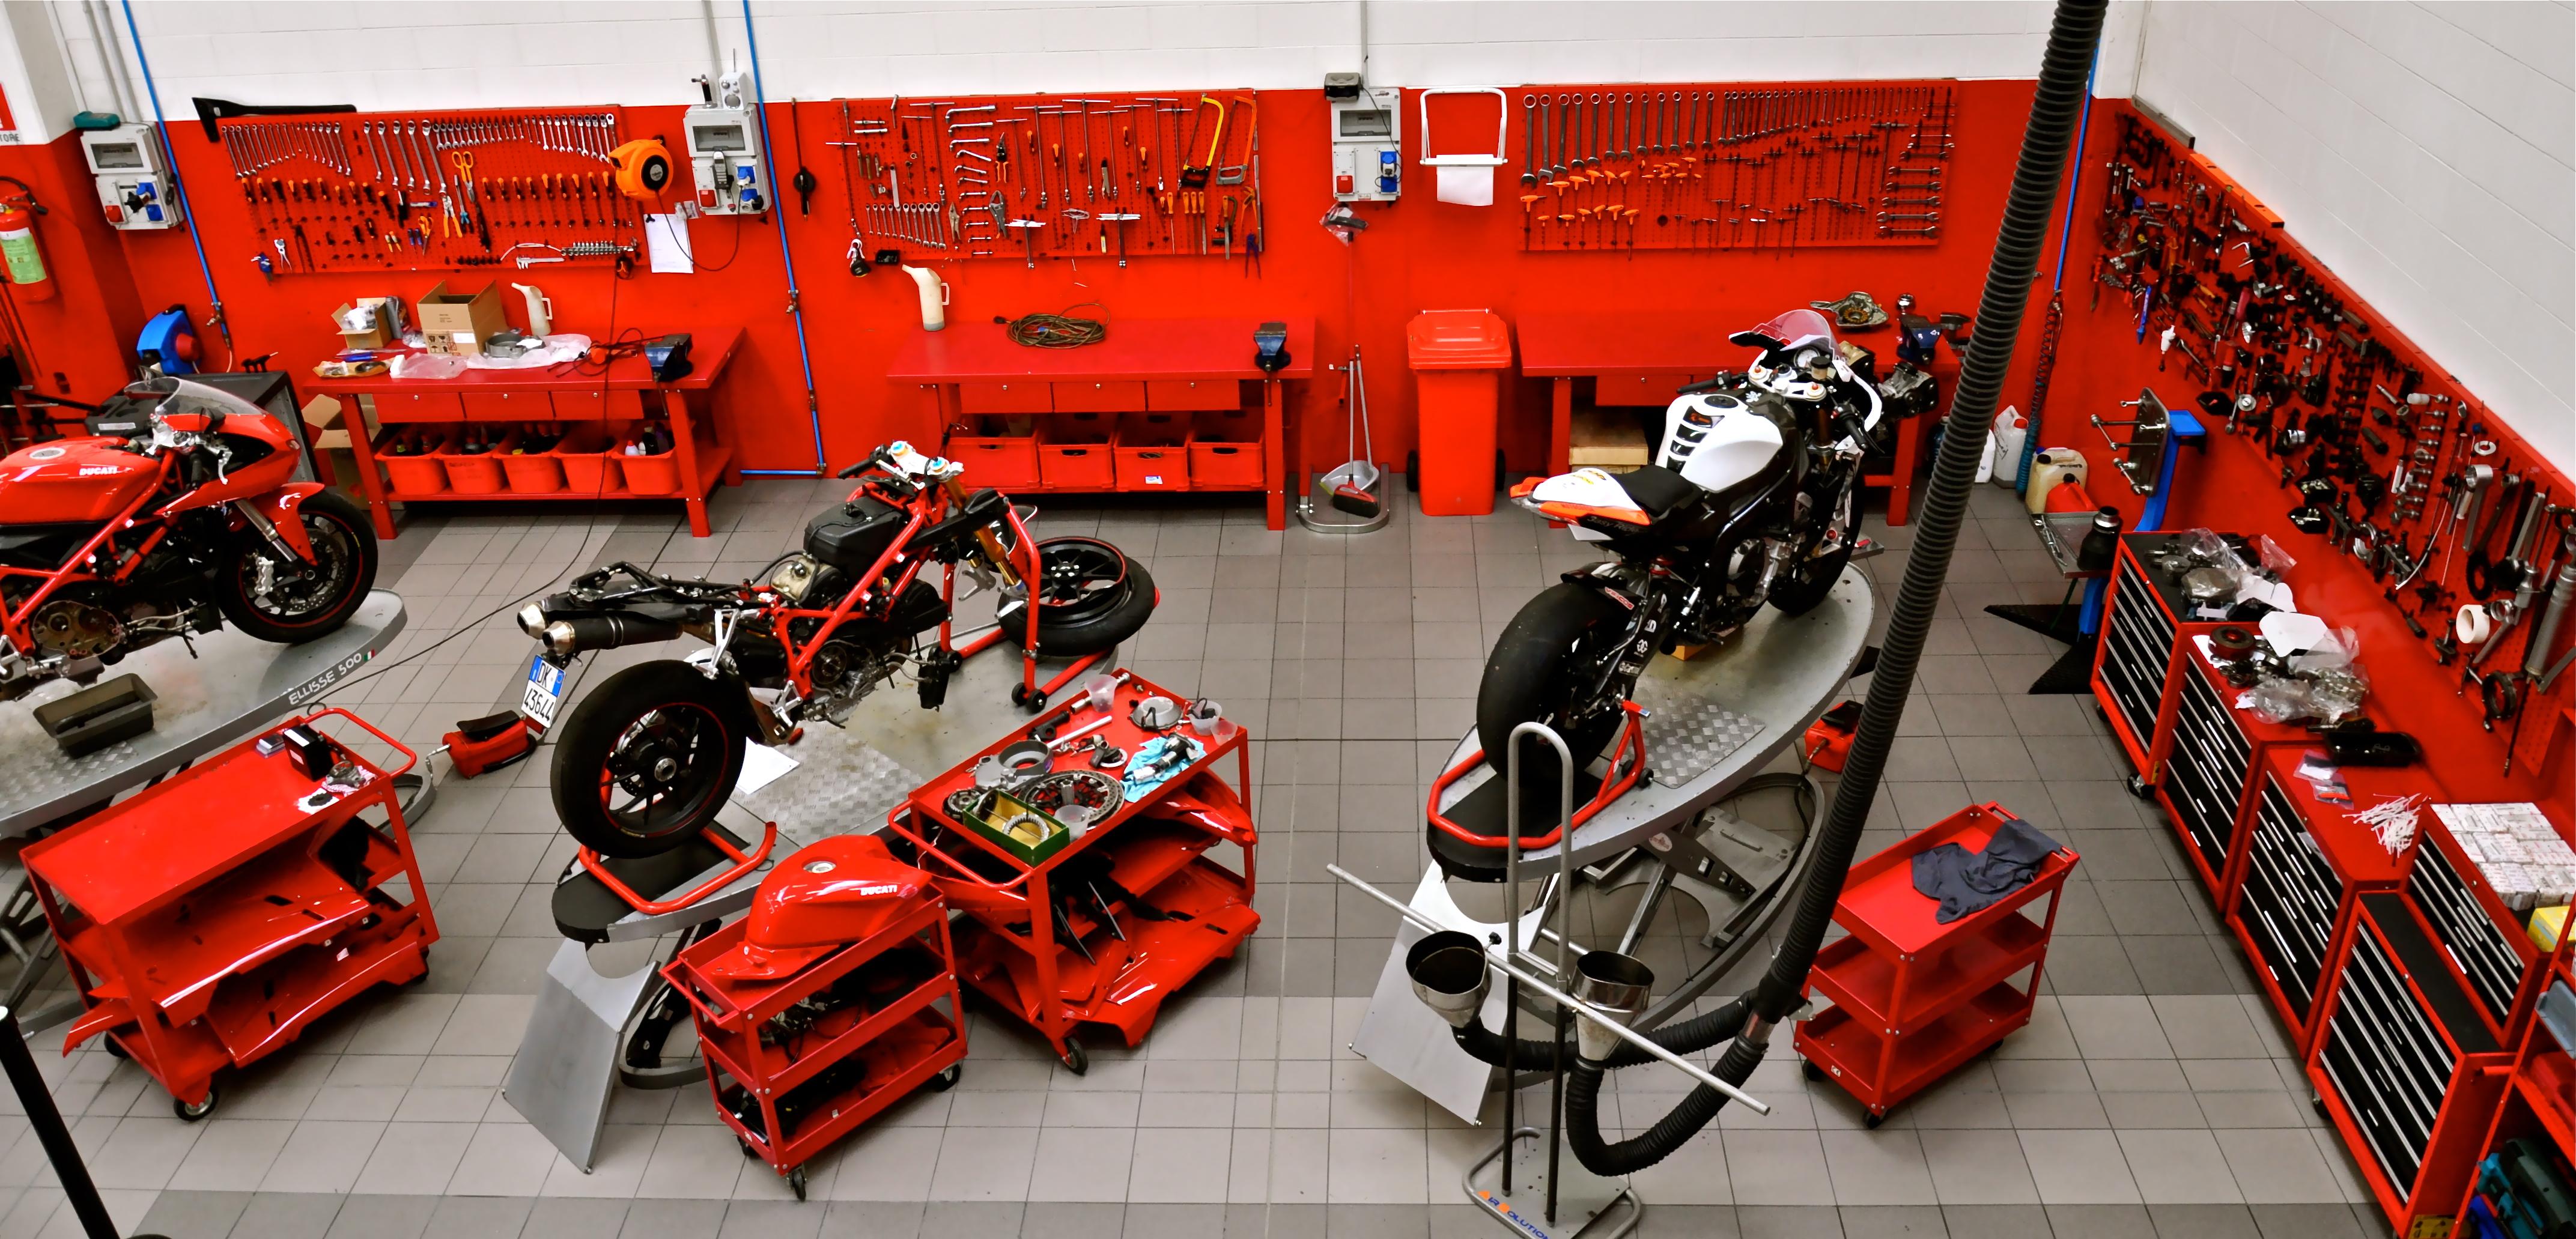 M motocorsa officina for Presse idrauliche usate per officina